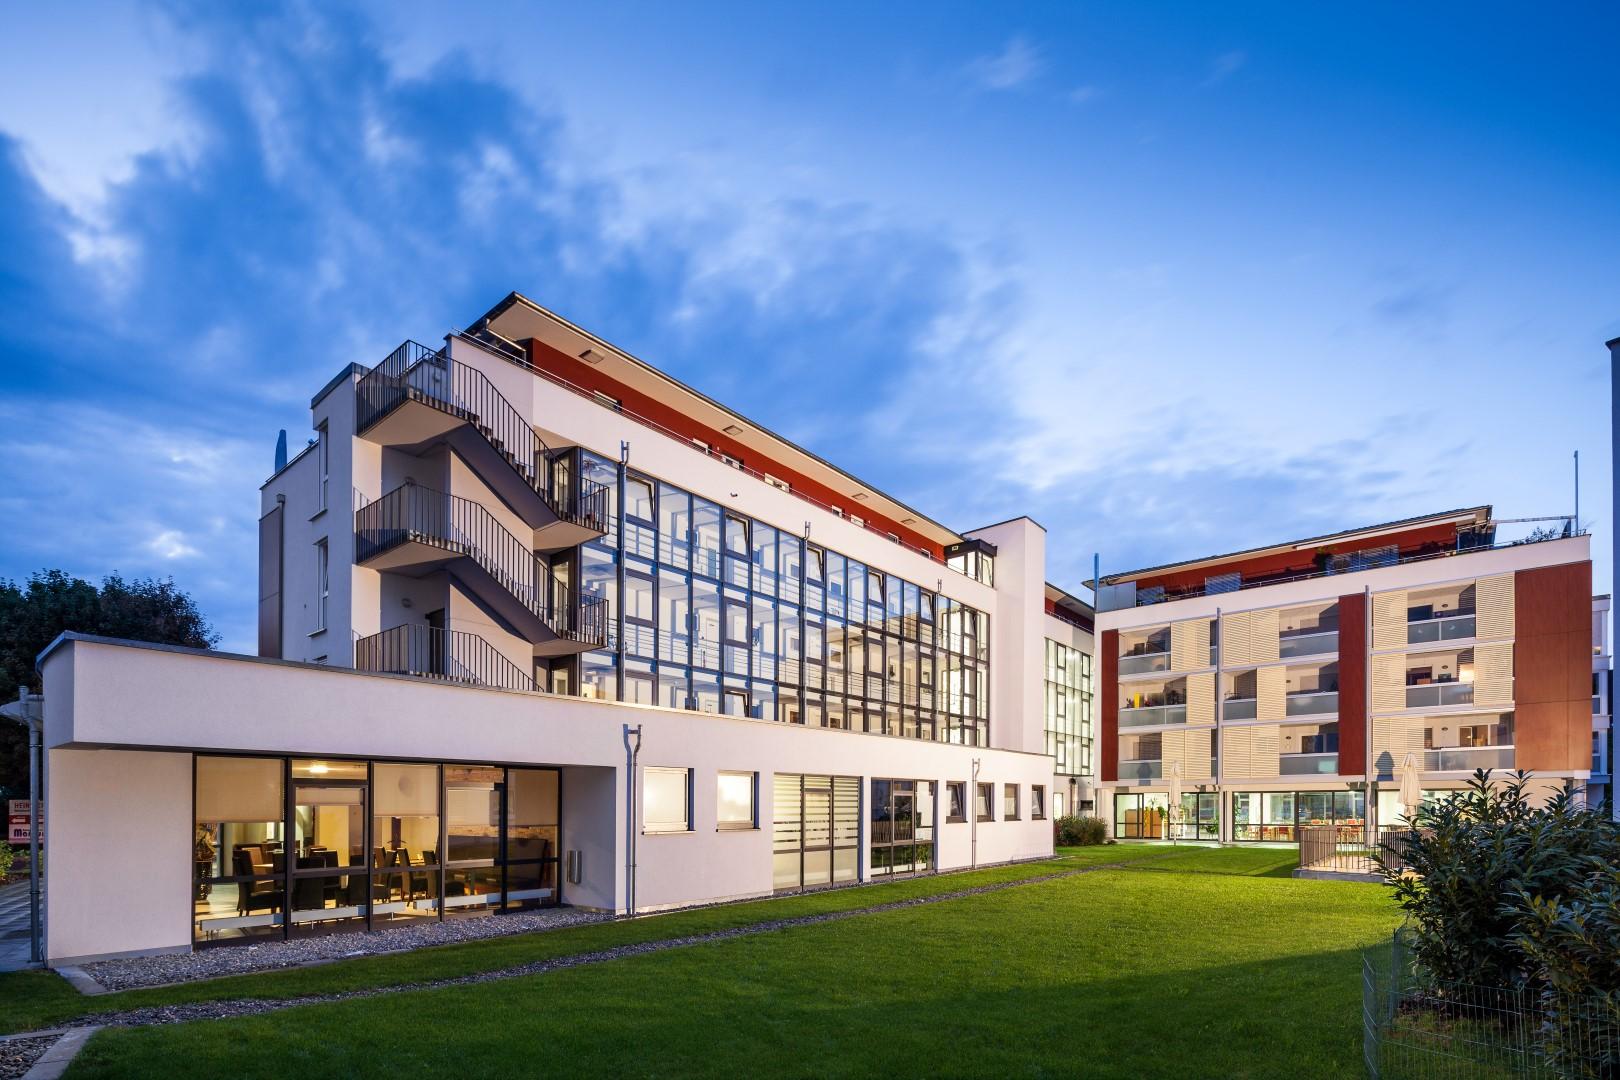 Foto unseres Bauvorhabens Schiller Residence in der Ravensburg